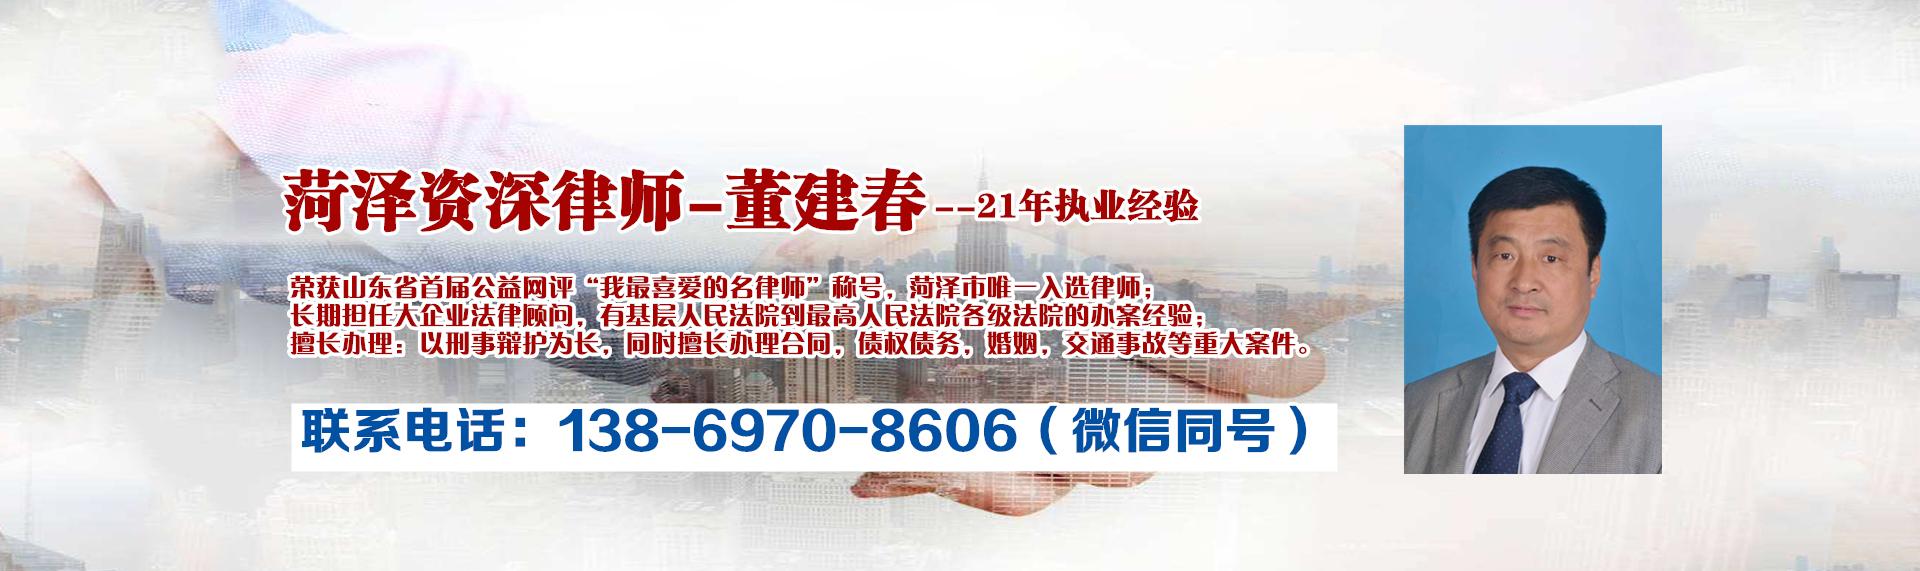 菏泽律师董建春:竭诚保护当事人合法权益